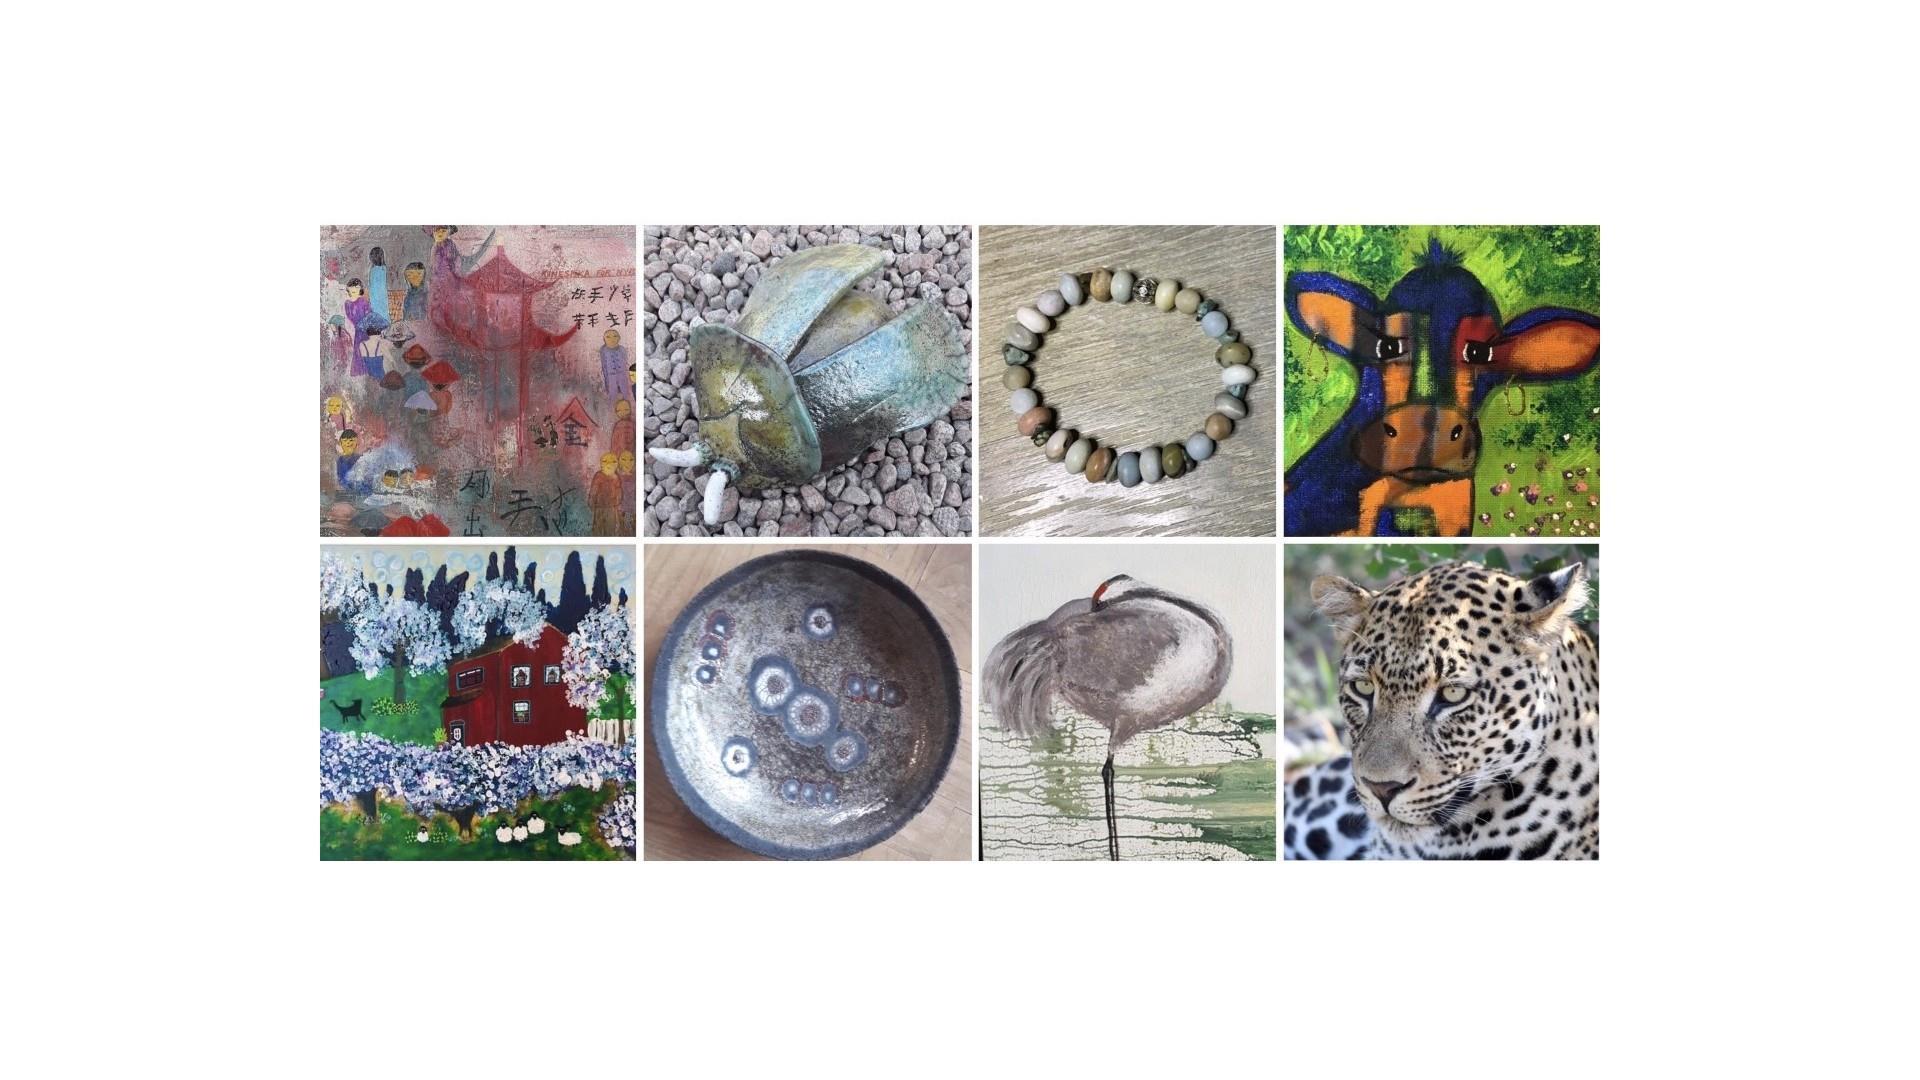 Digital utställning av konst och hantverk, Galleri ArtHur